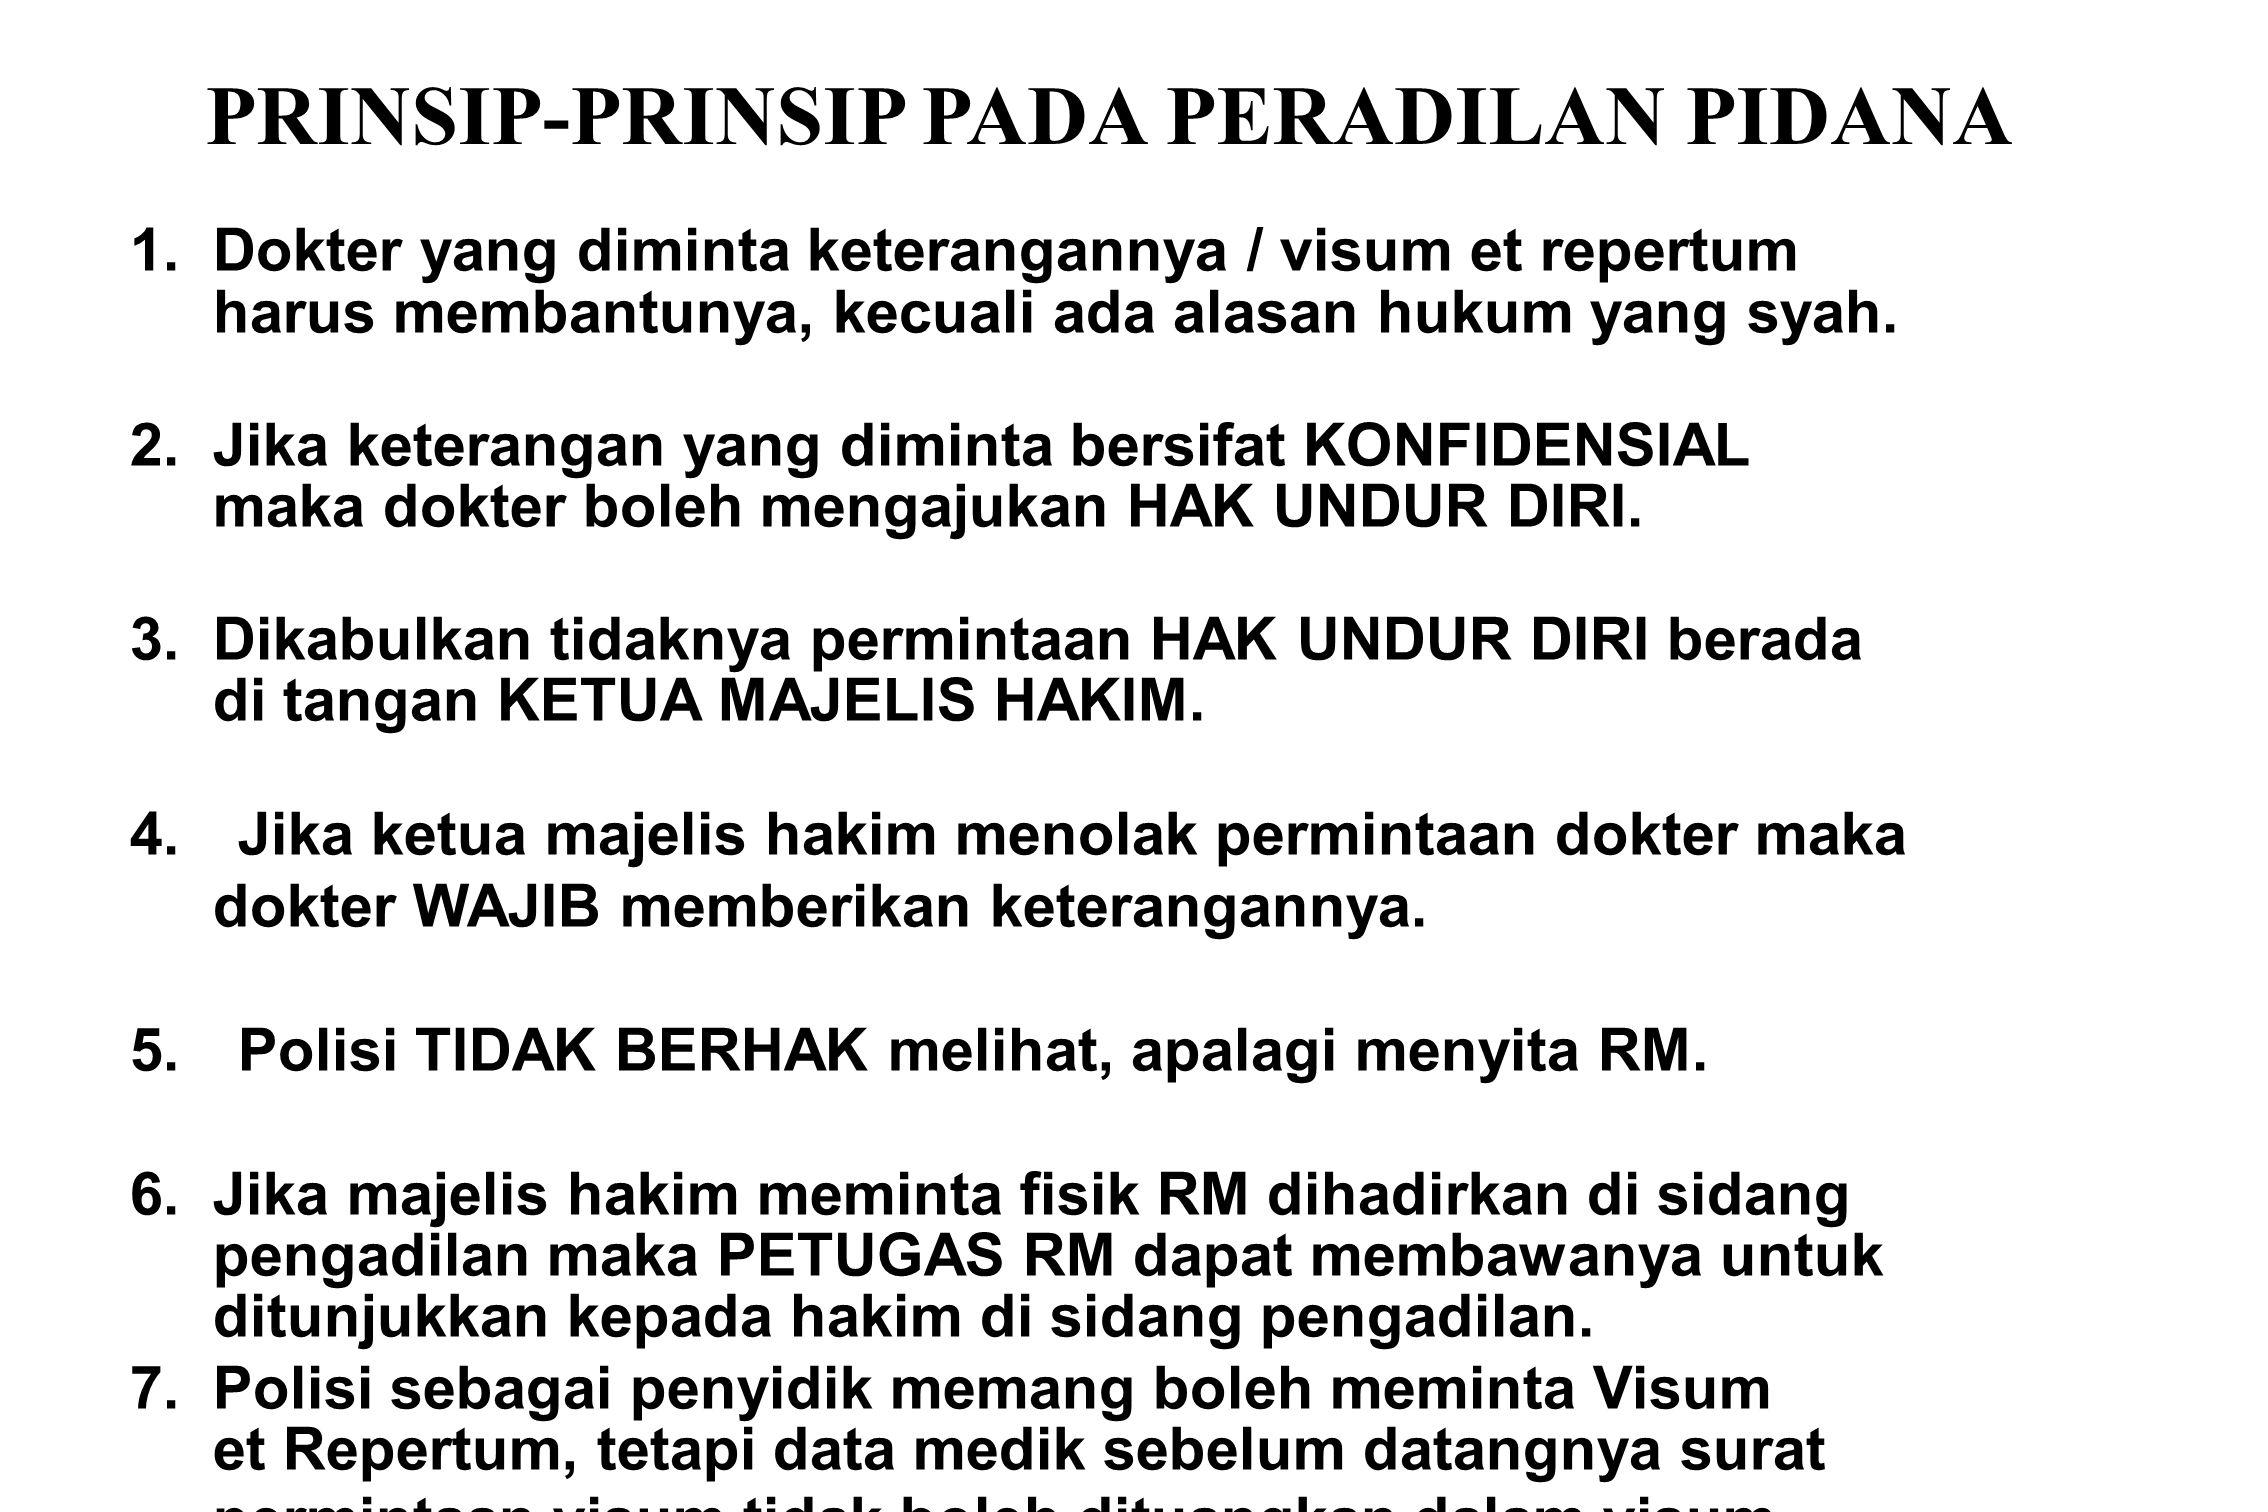 PRINSIP-PRINSIP PADA PERADILAN PIDANA 1. Dokter yang diminta keterangannya / visum et repertum harus membantunya, kecuali ada alasan hukum yang syah.